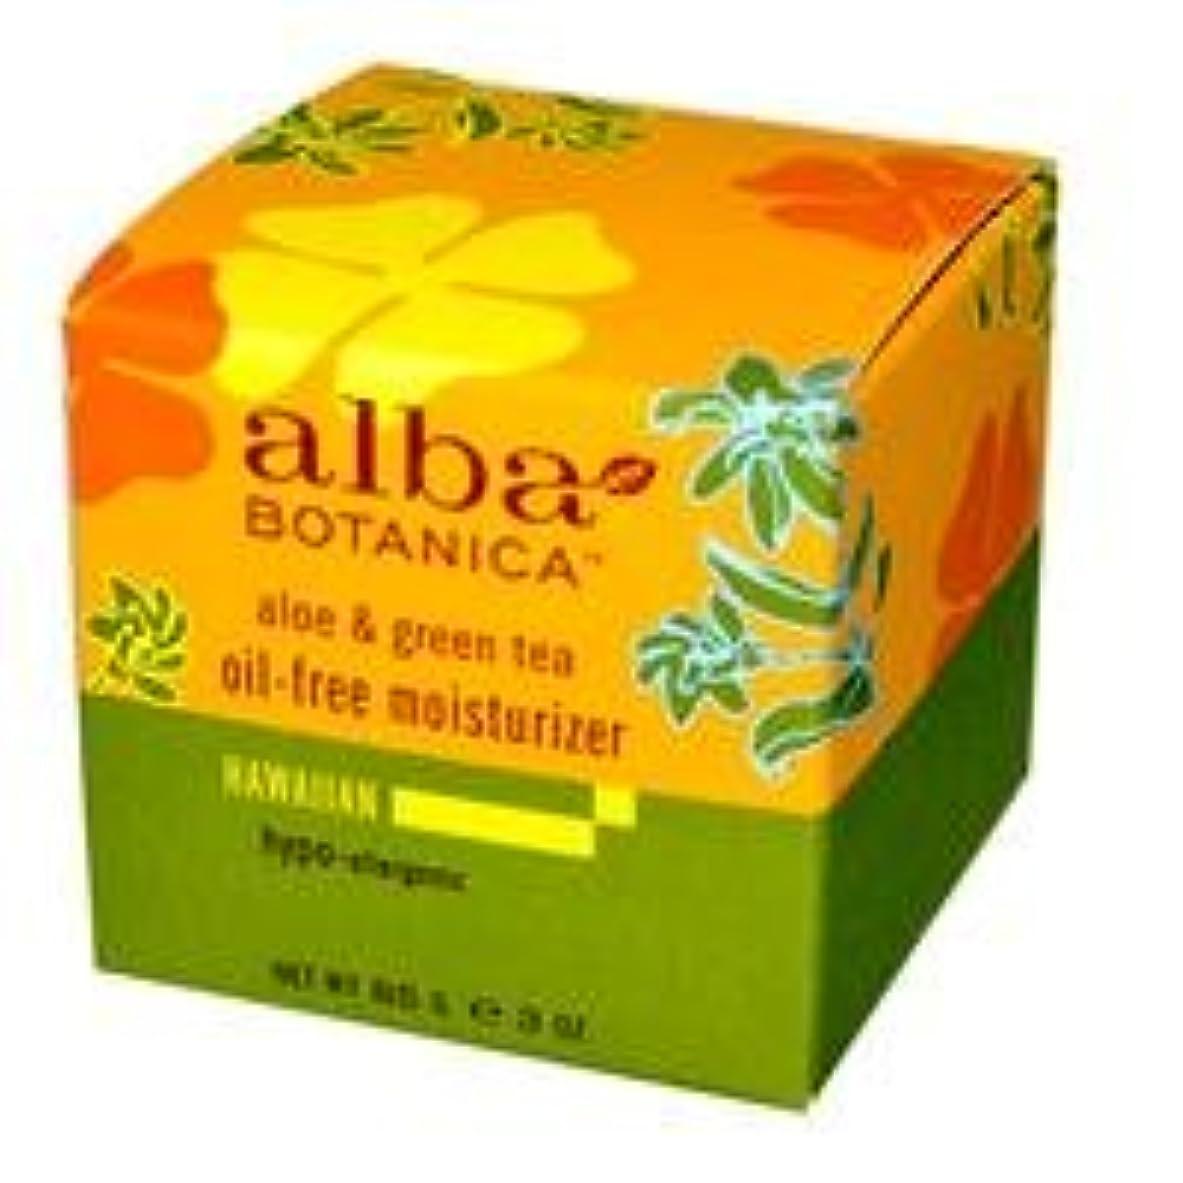 分子一口優先[海外直送品] アルバボタニカ アロエ&グリーンティー オイルフリー モイスチャライザー 85g